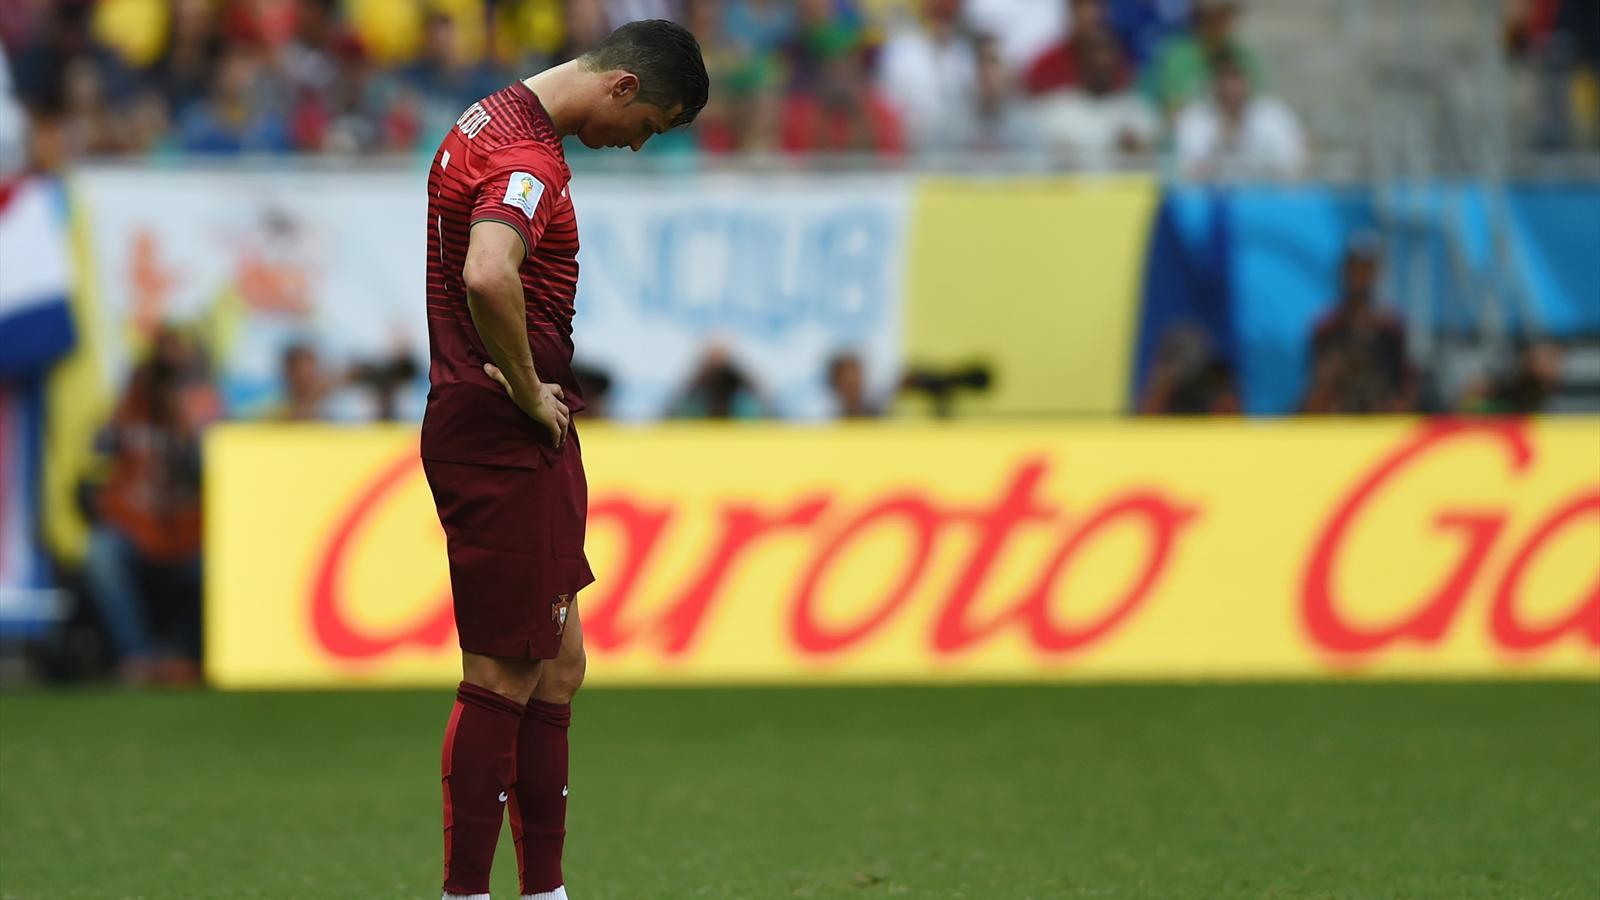 Allemagne-Portugal (4-0) : Comme toute la Seleçao, Ronaldo est passé à côté